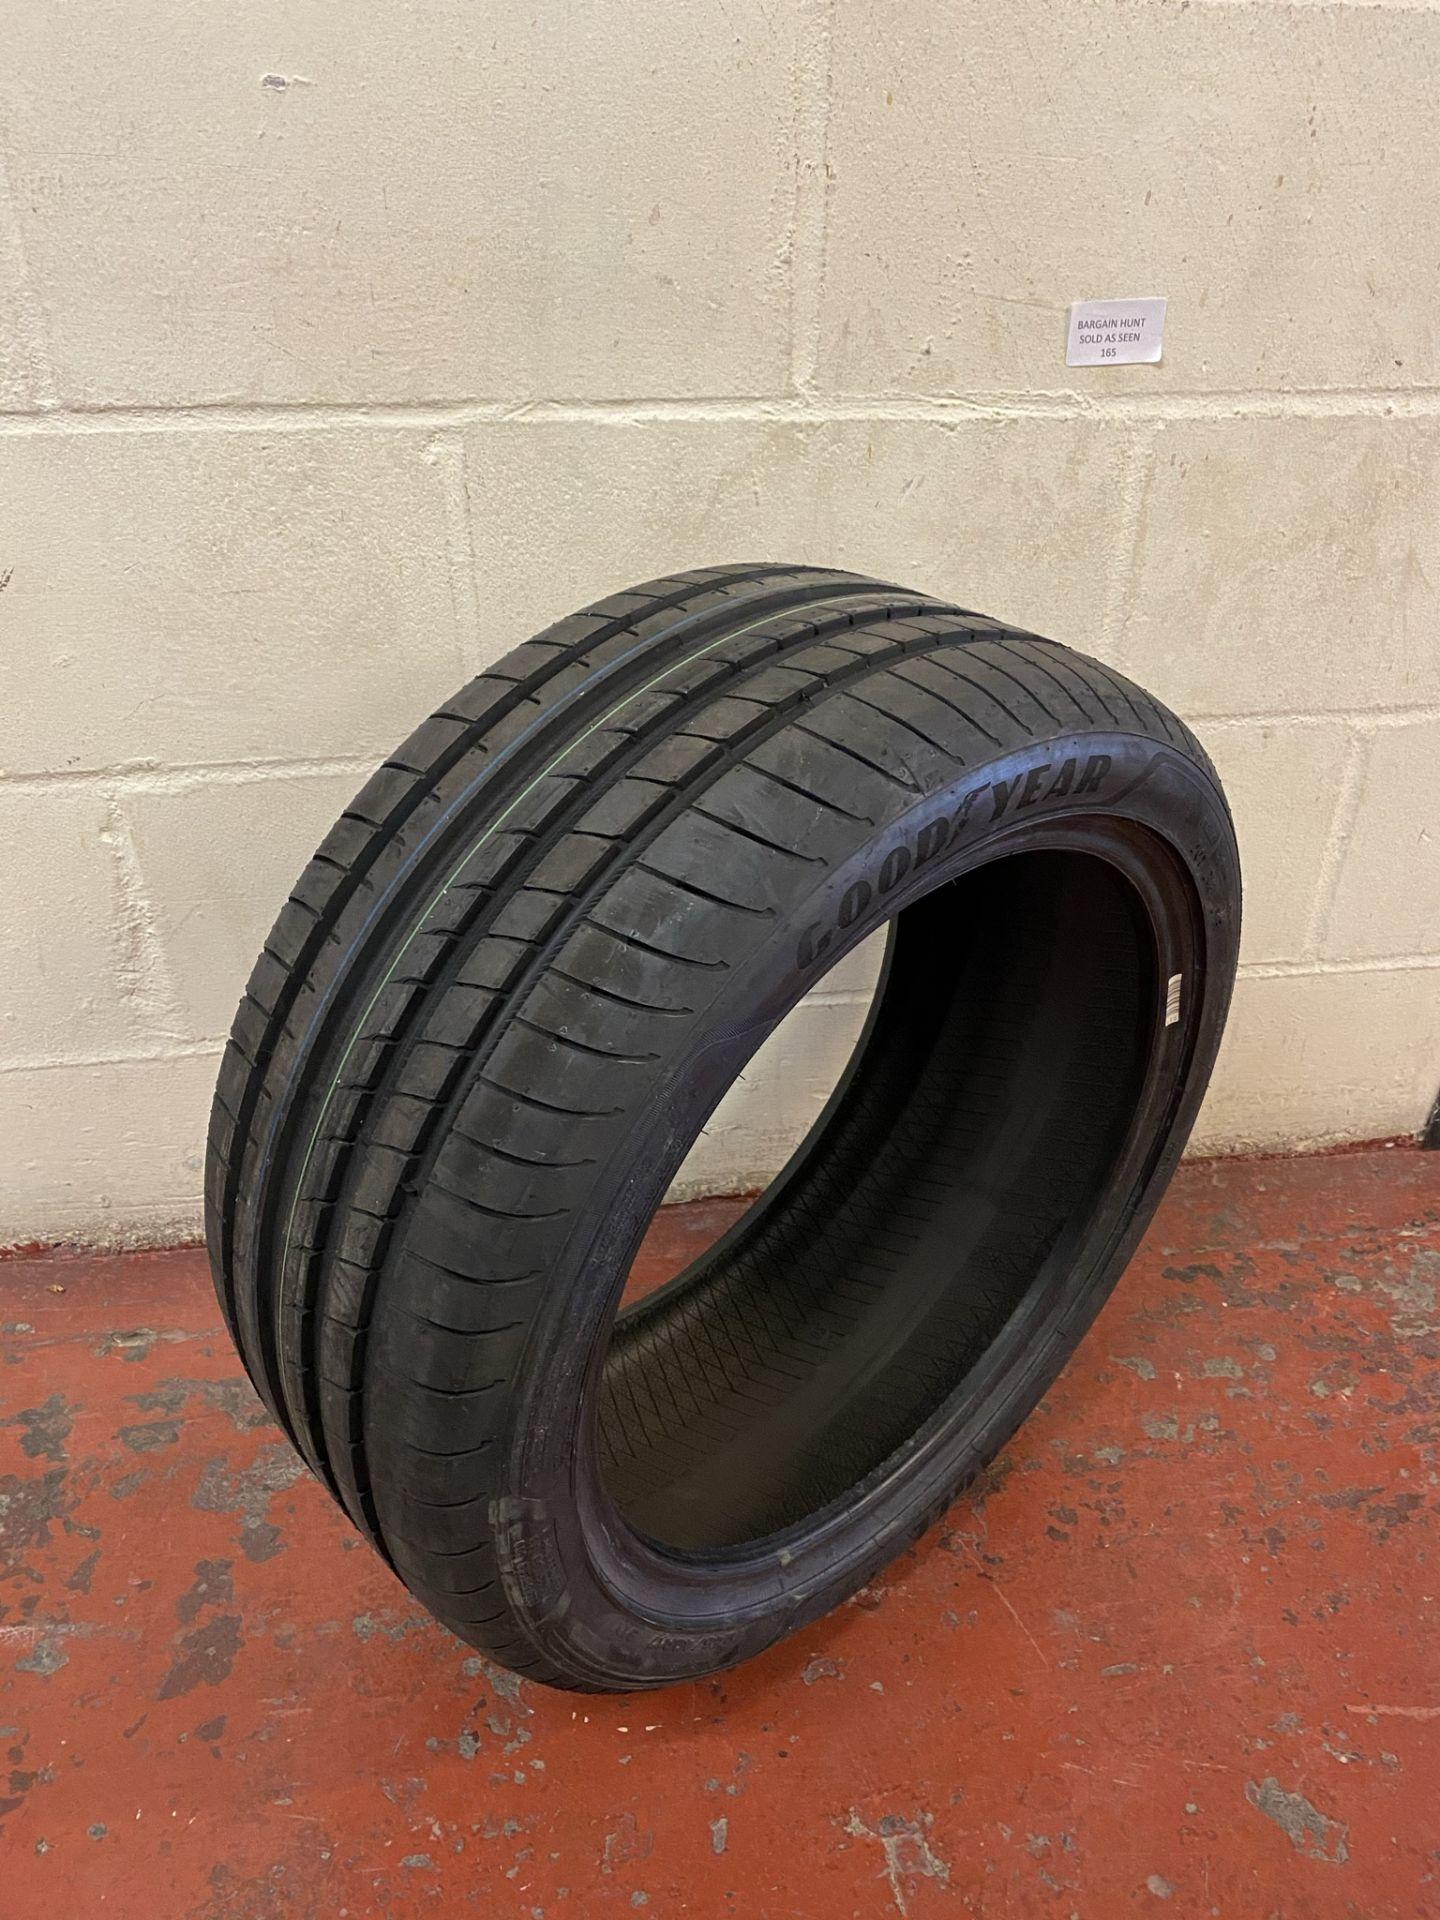 Goodyear Eagle F1 Asymmetric 3 FP - 245/40R17 91Y - Summer Tire RRP £100